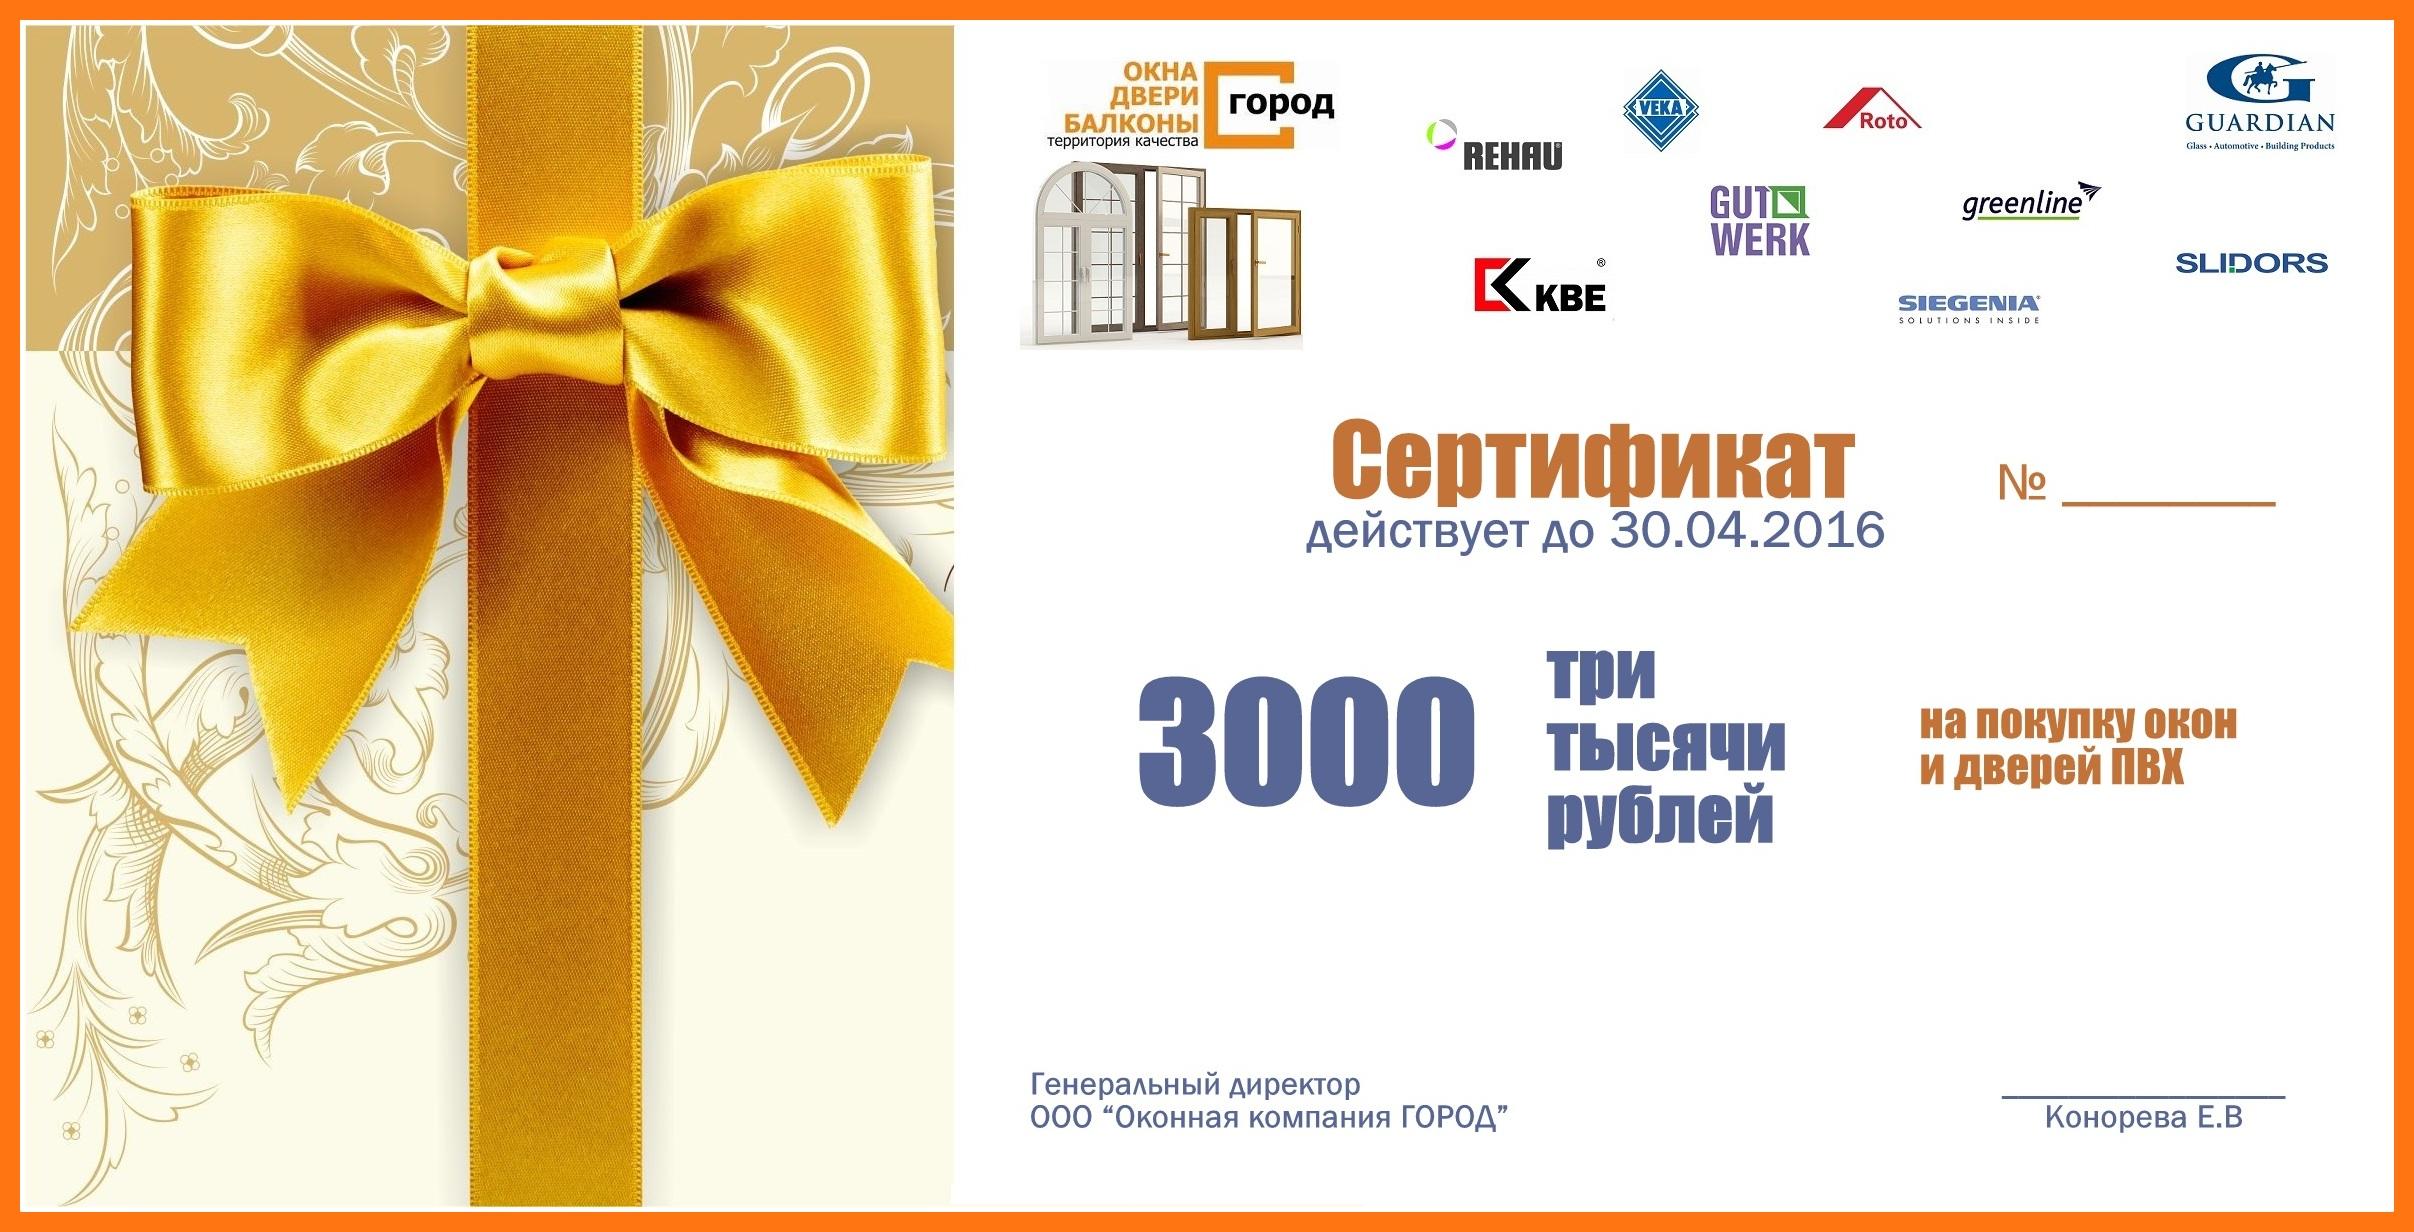 сертификат 3000 т.р. на поупку окон и дверей ПВХ